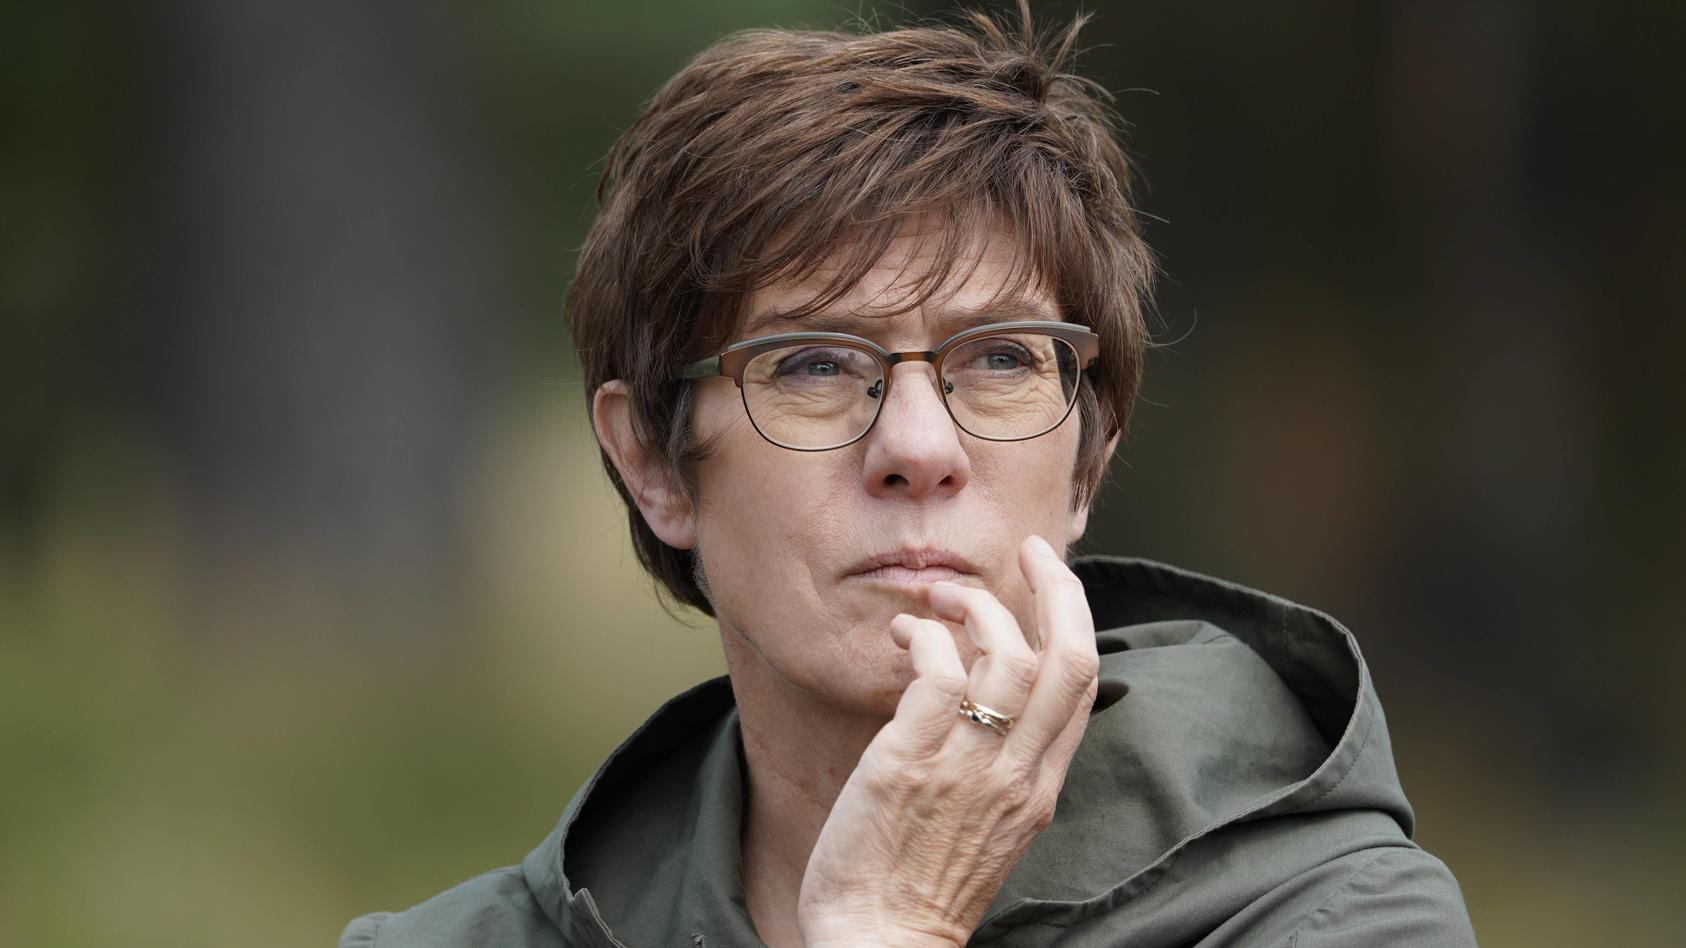 Bundesverteidigungsministerin Kramp-Karrenbauer erwägt persönliche Konsequenzen nach dem Afghanistan-Debakel.